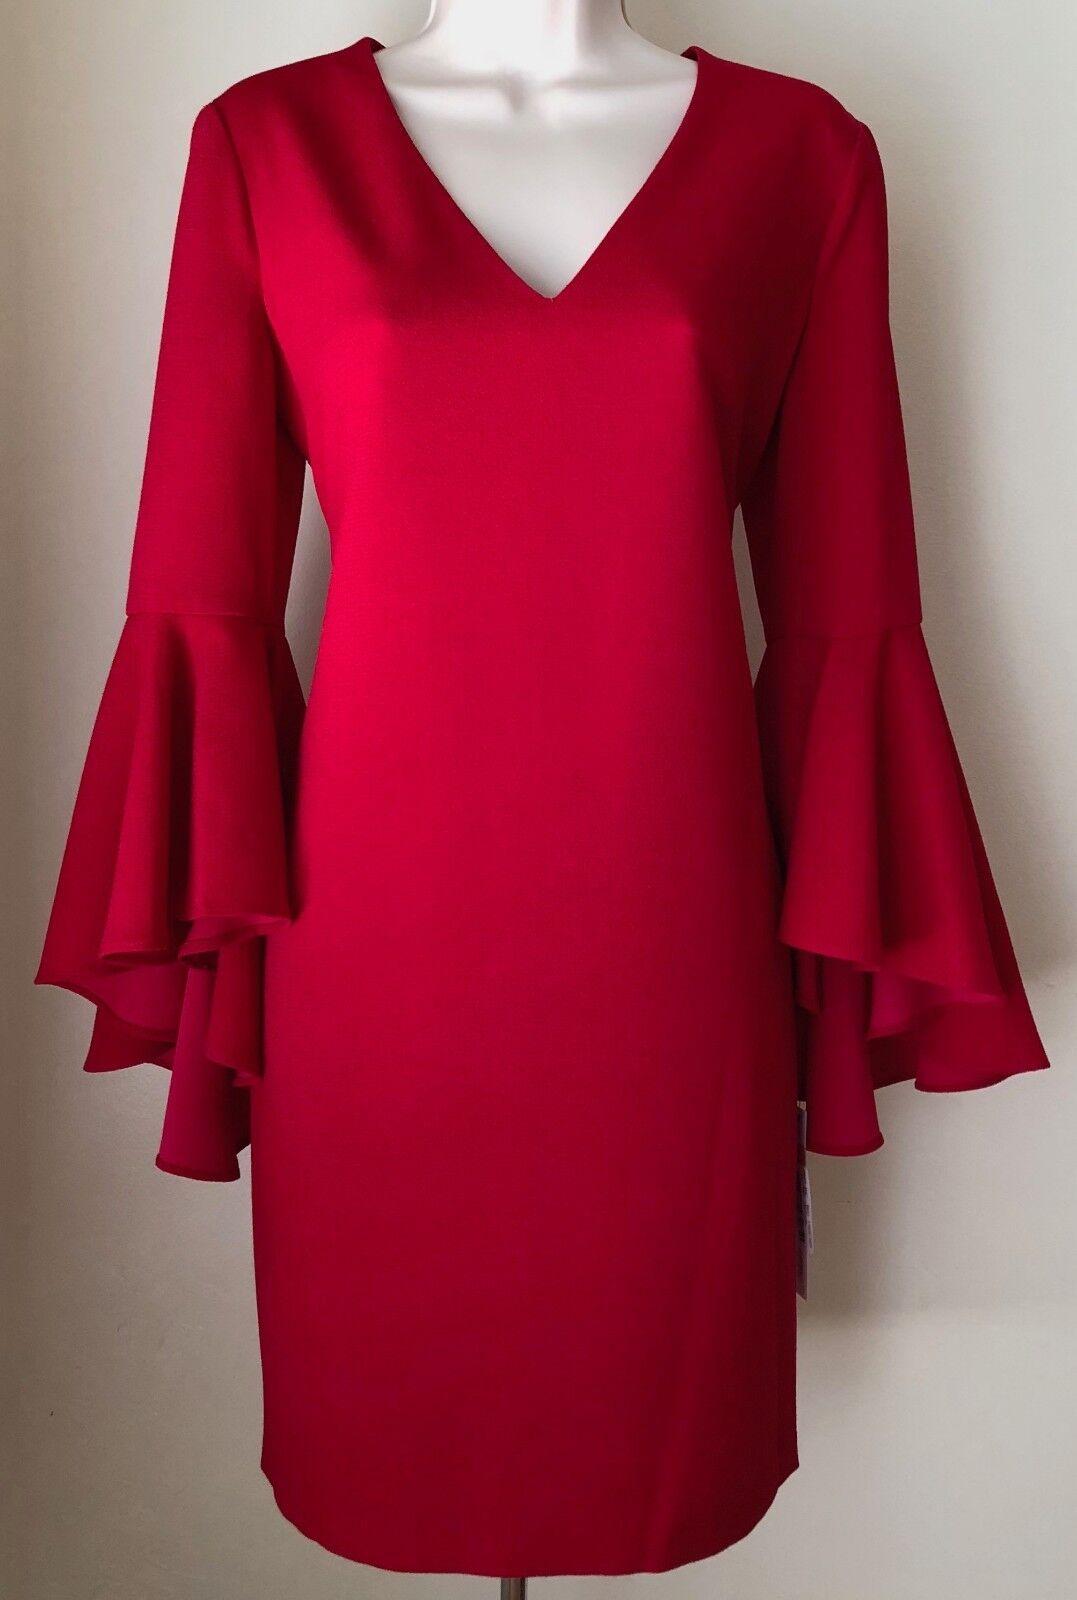 Maggy London Deidra Flutter Sleeve Shift Dress NWT Size 6